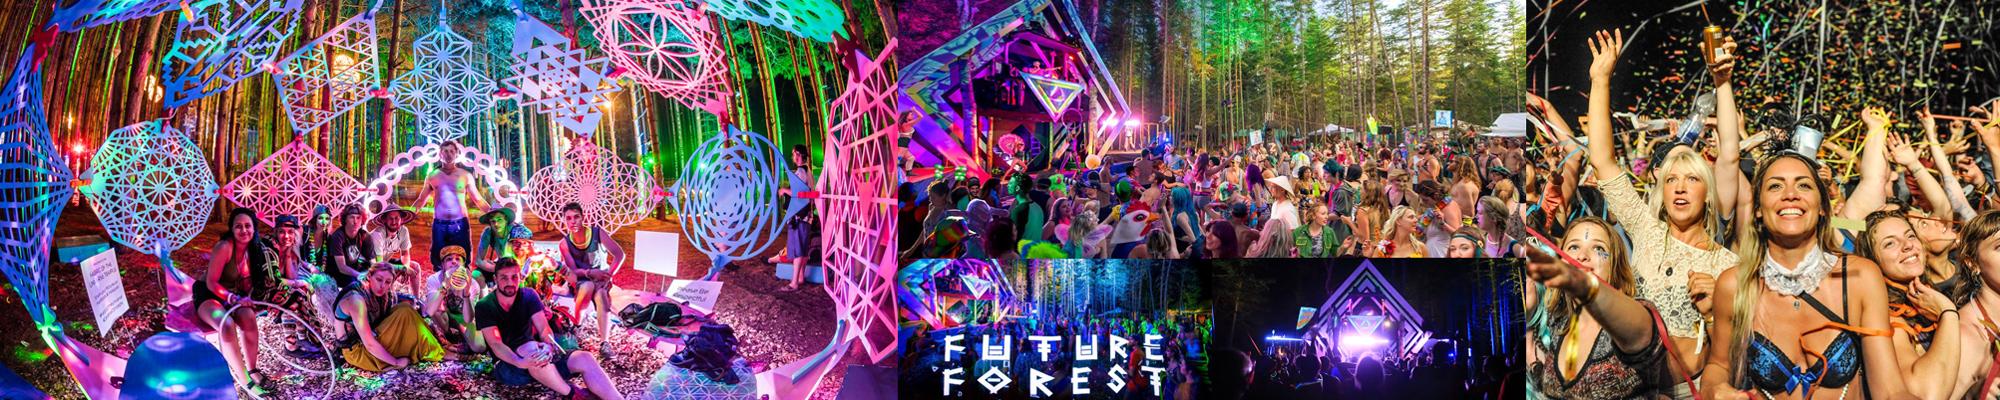 Future Forest festival Canada